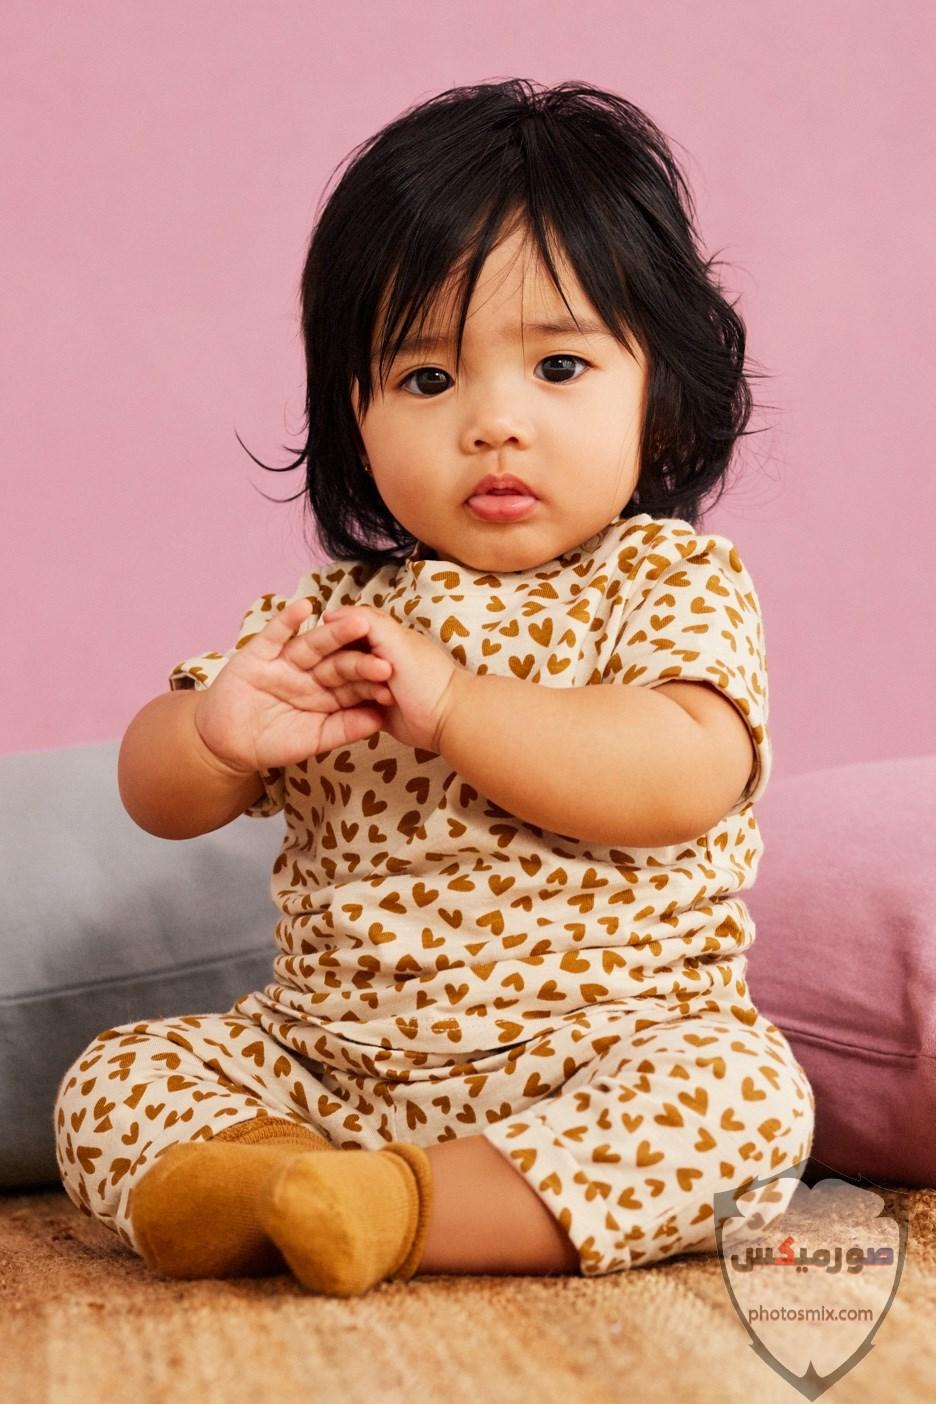 صور اطفال 2021 تحميل اكثر من 100 صور اطفال جميلة صور اطفال روعة 2020 32 1